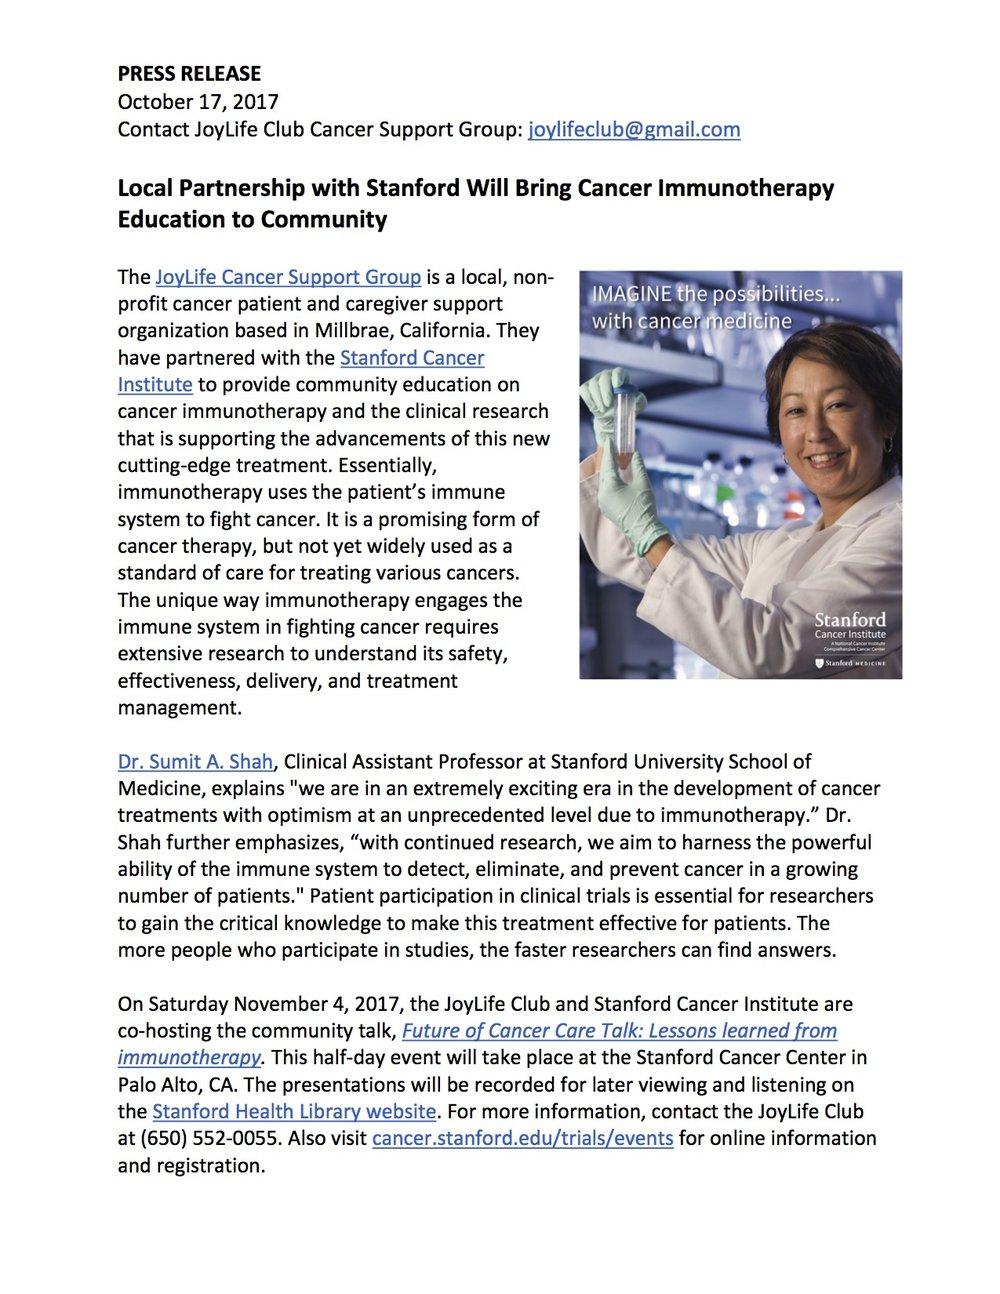 PressRelease_ImmunotherapyTalk(10.17.2017_photo).jpg